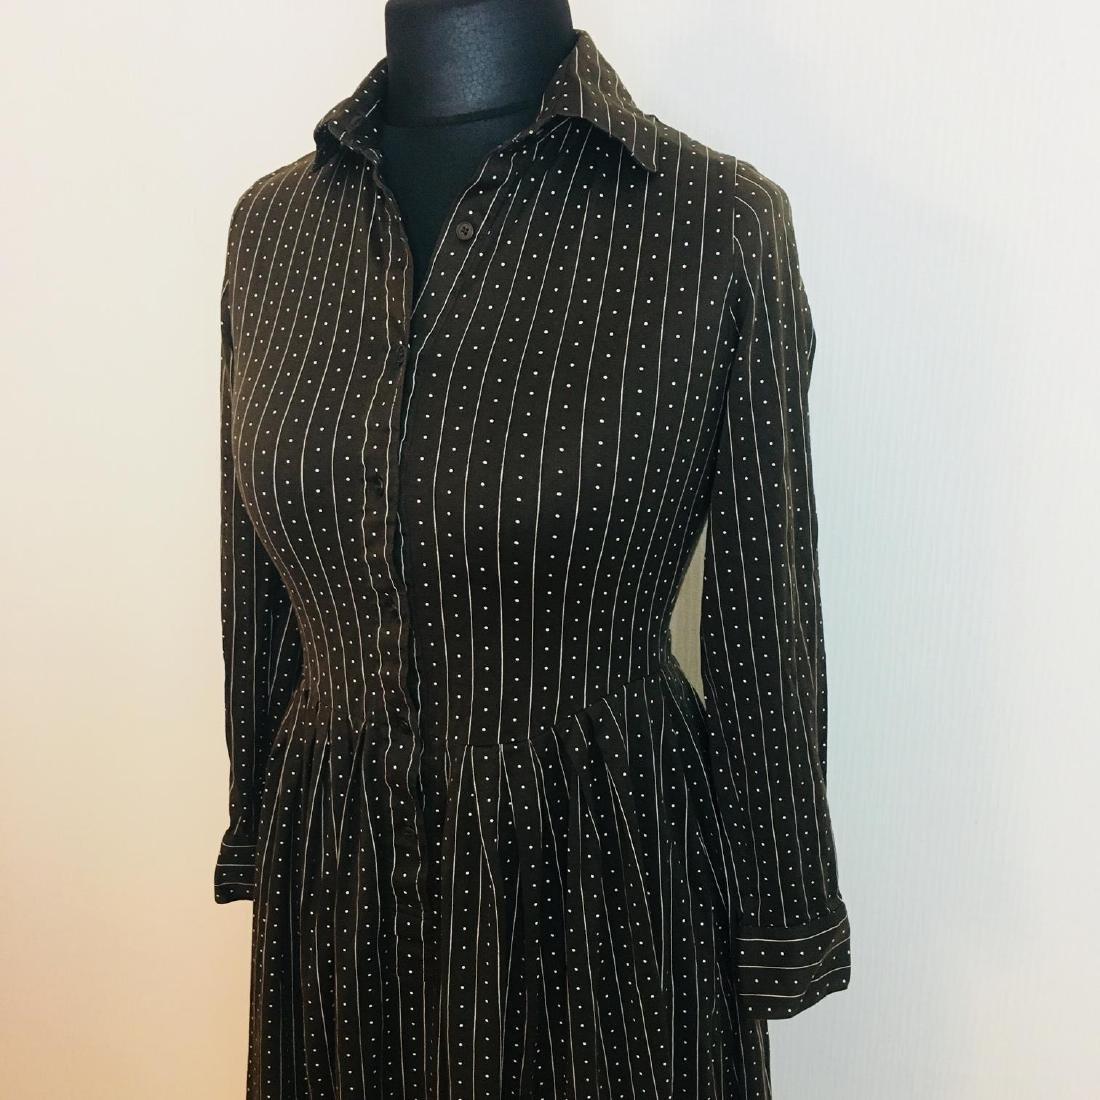 Vintage Women's Cocktail Evening Dress Size EUR 38 US 8 - 3